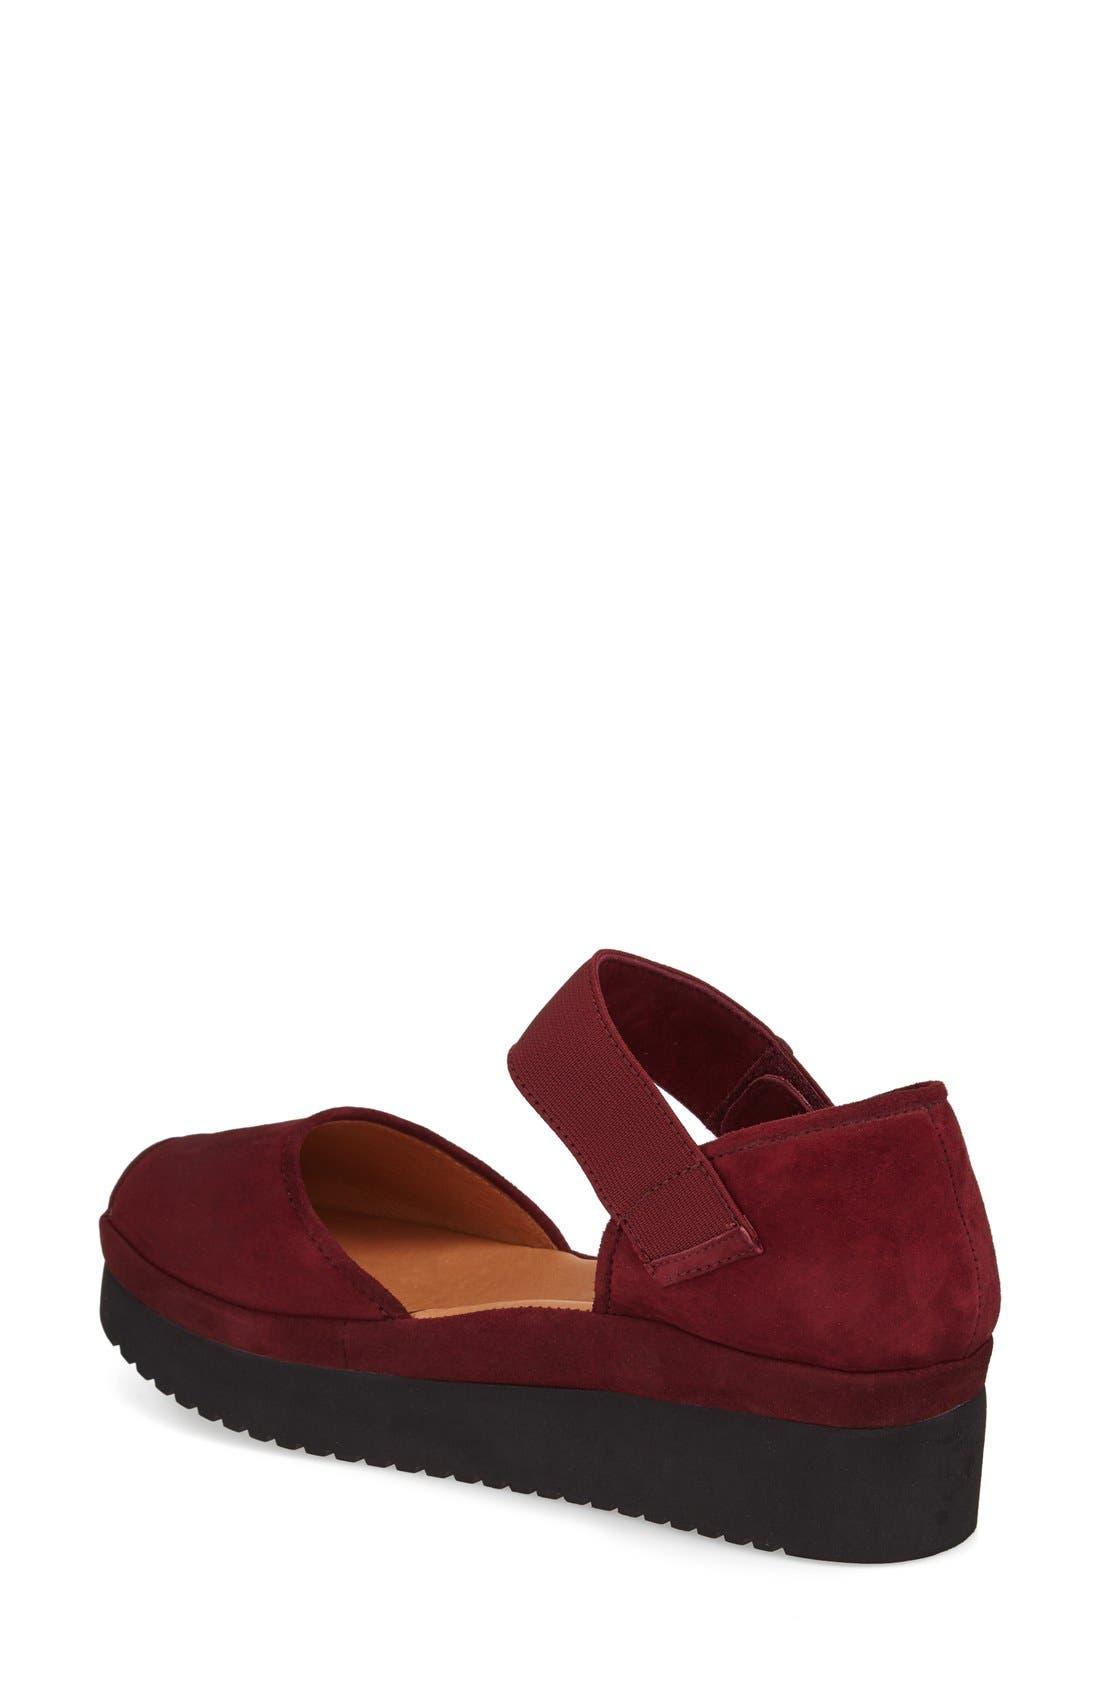 L'AMOUR DES PIEDS, 'Amadour' Platform Sandal, Alternate thumbnail 2, color, MULBERRY SUEDE LEATHER